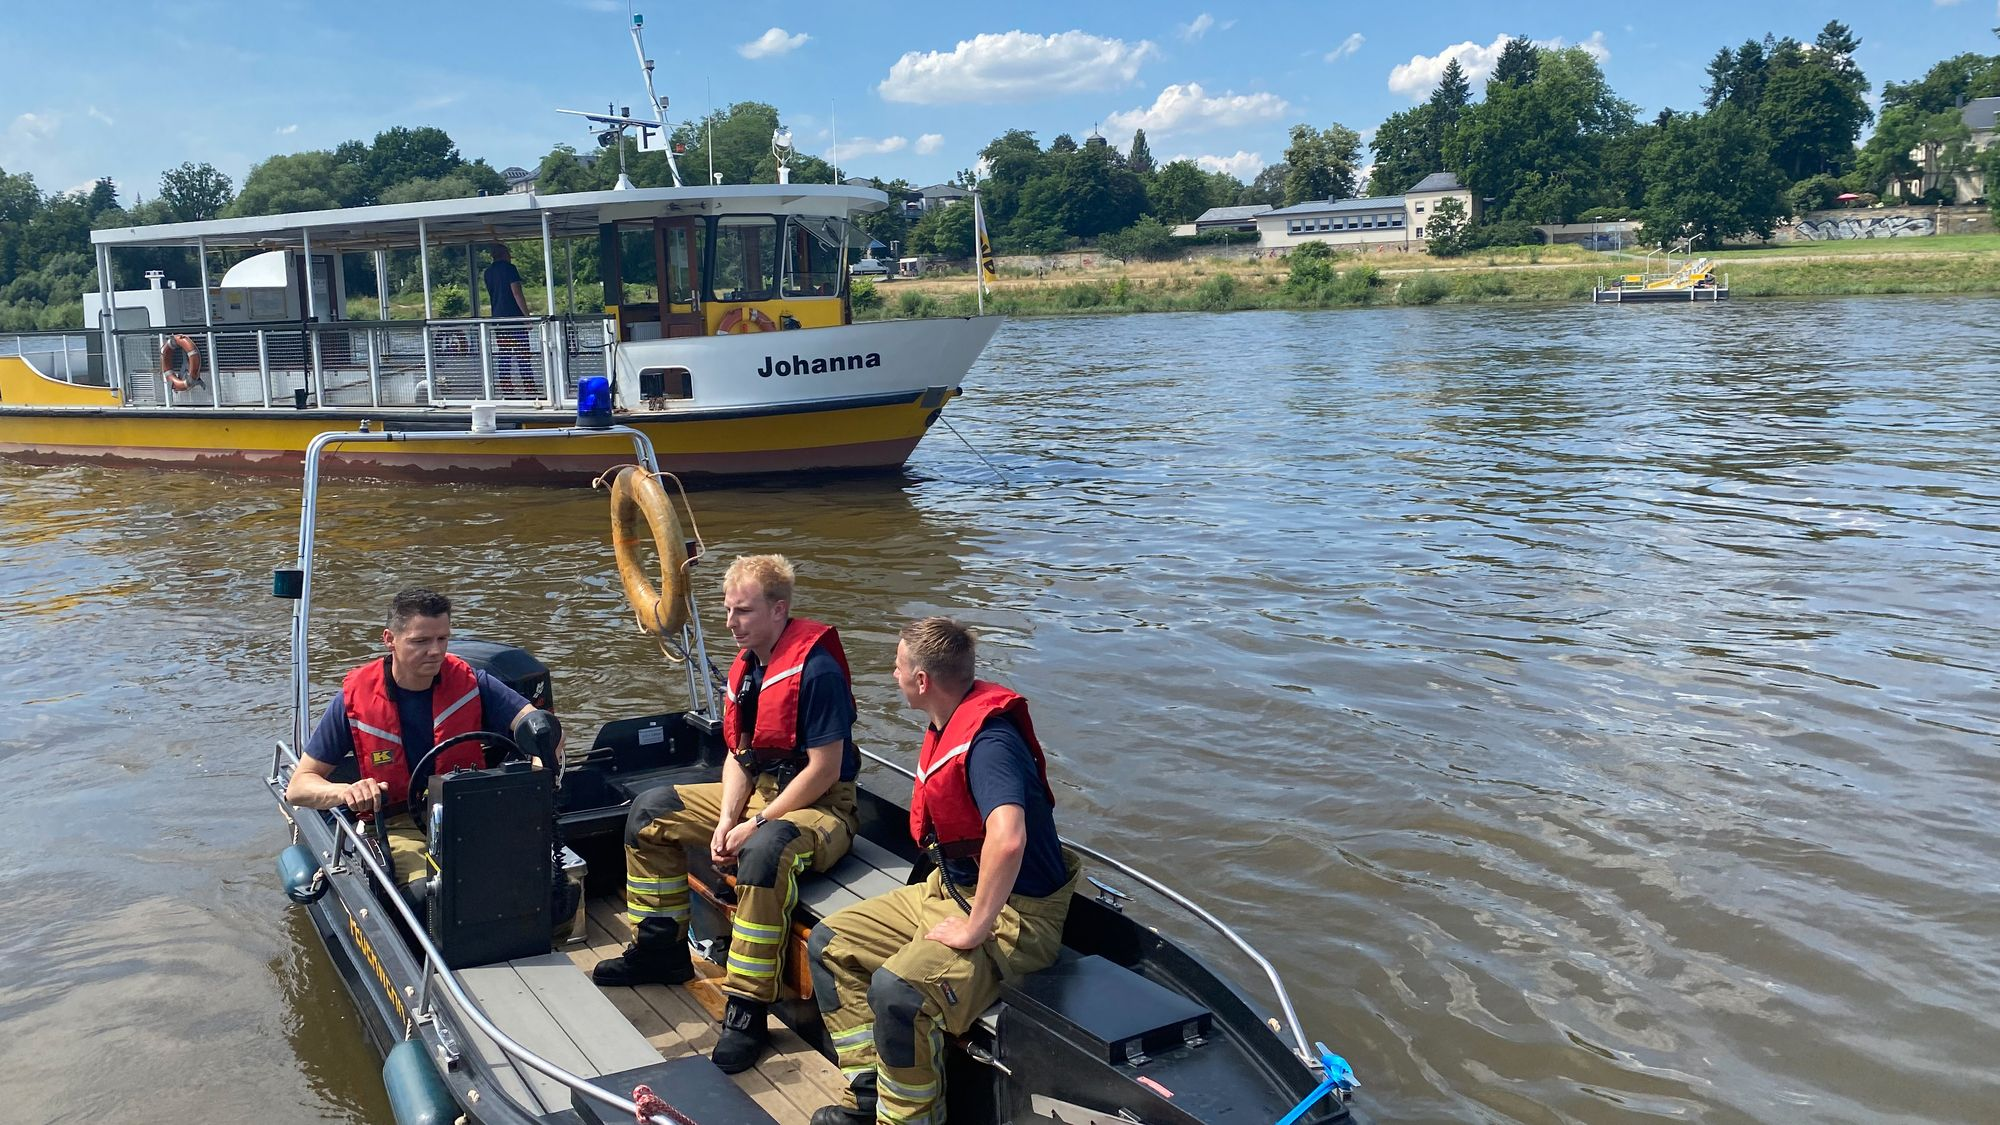 Mit einem Rettungsboot werden die Fahrgäste an Land gebracht. Foto: Feuerwehr Dresden